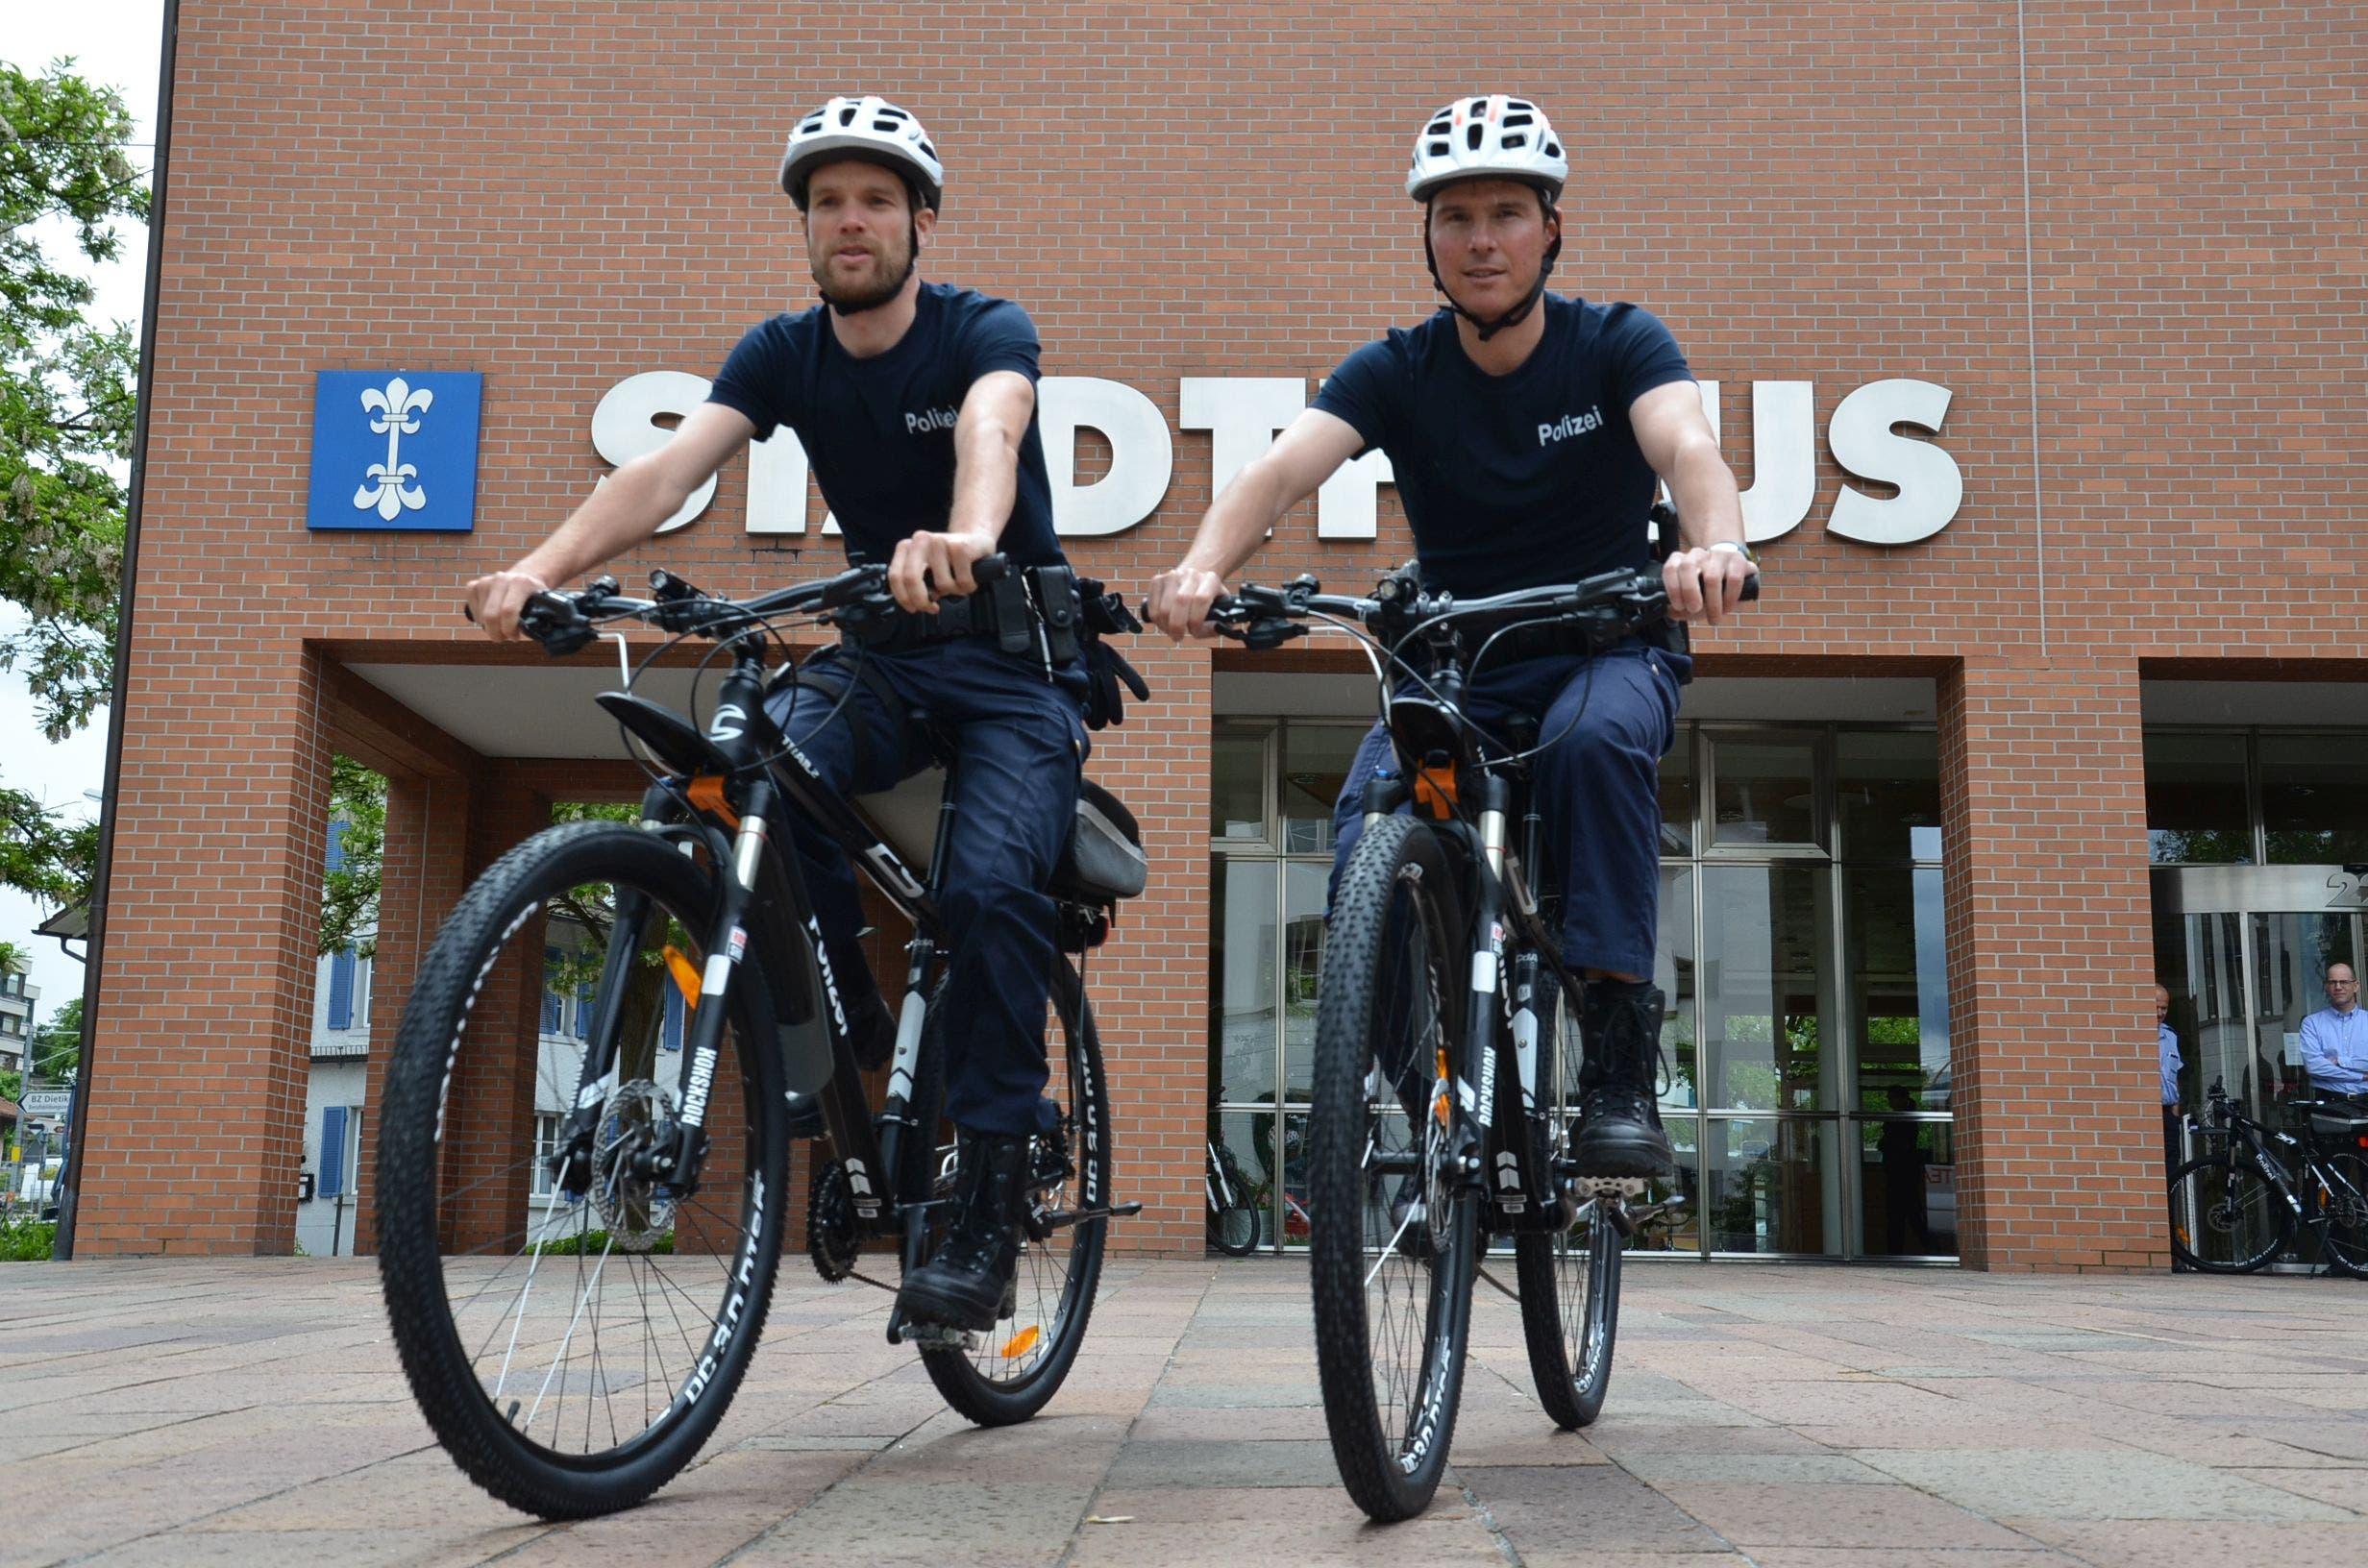 Das sind sie, die neuen Bikes der Stadtpolizei Dietikon